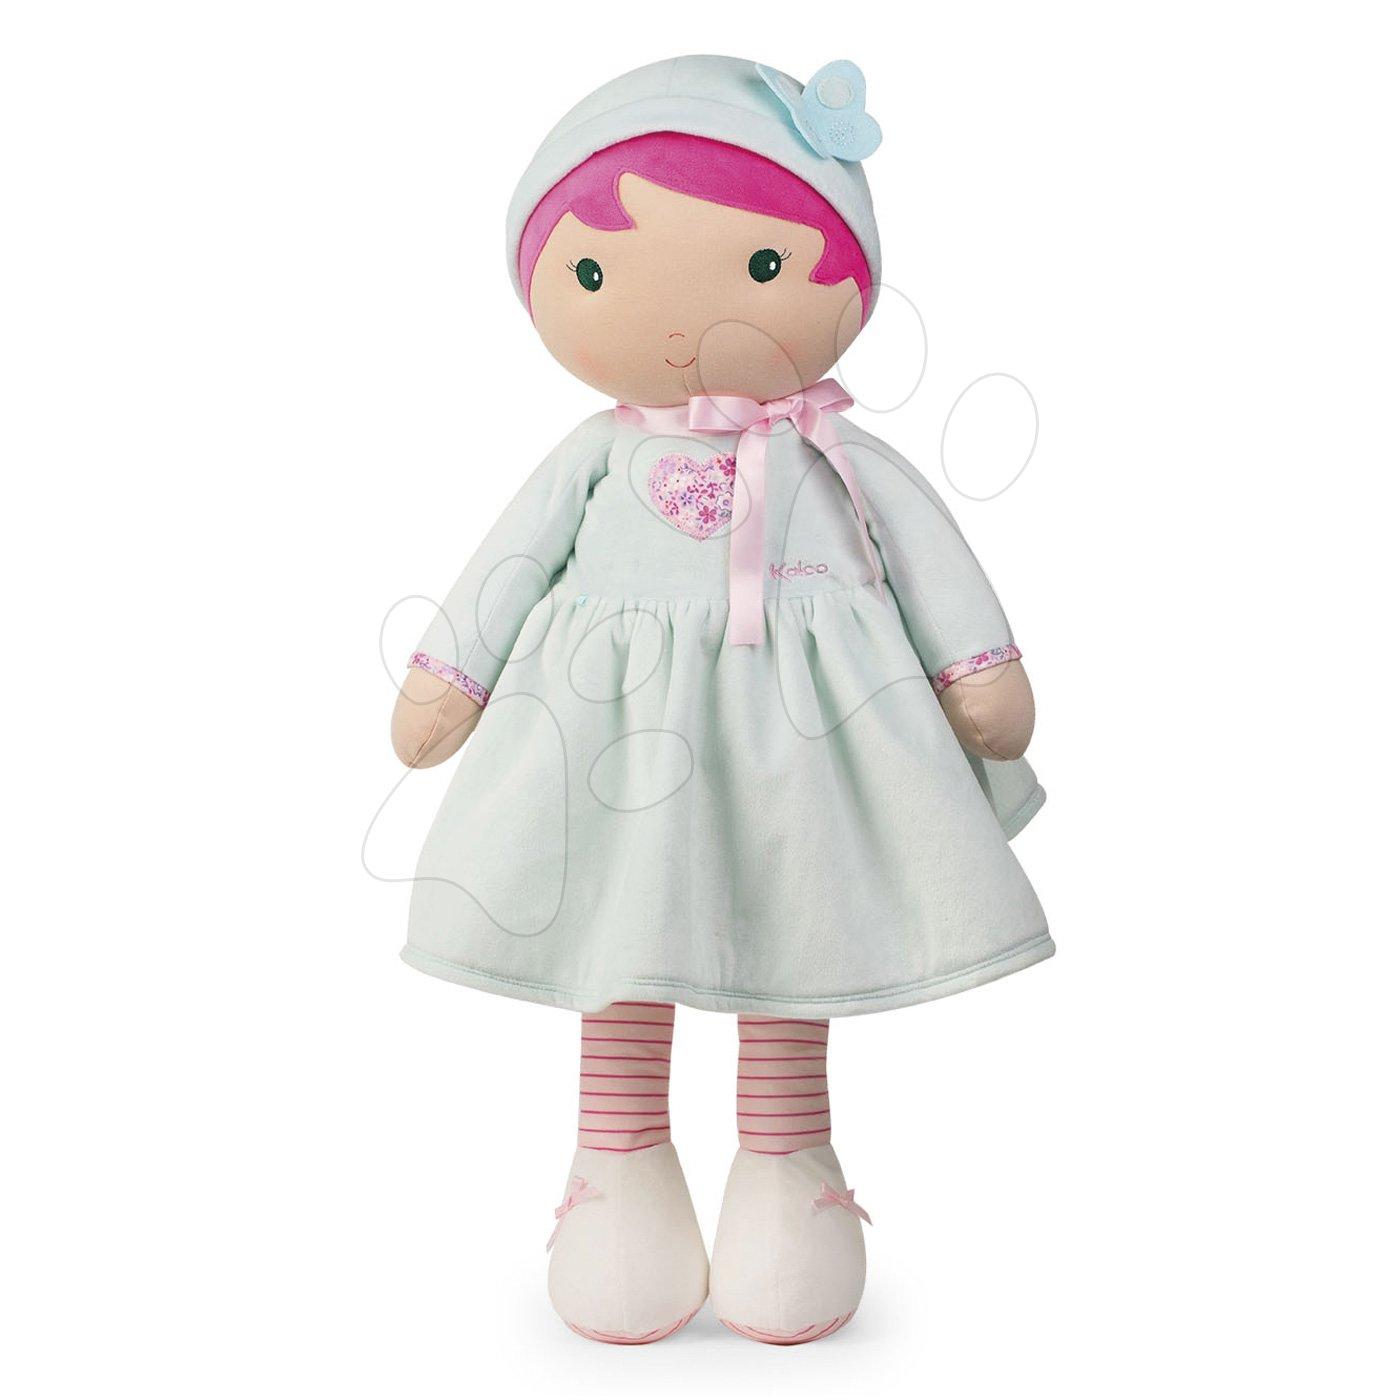 Handrové bábiky - Bábika pre bábätká Perle K Tendresse doll XXL Kaloo 80 cm so srdiečkom v šatách z jemného textilu od 0 mes